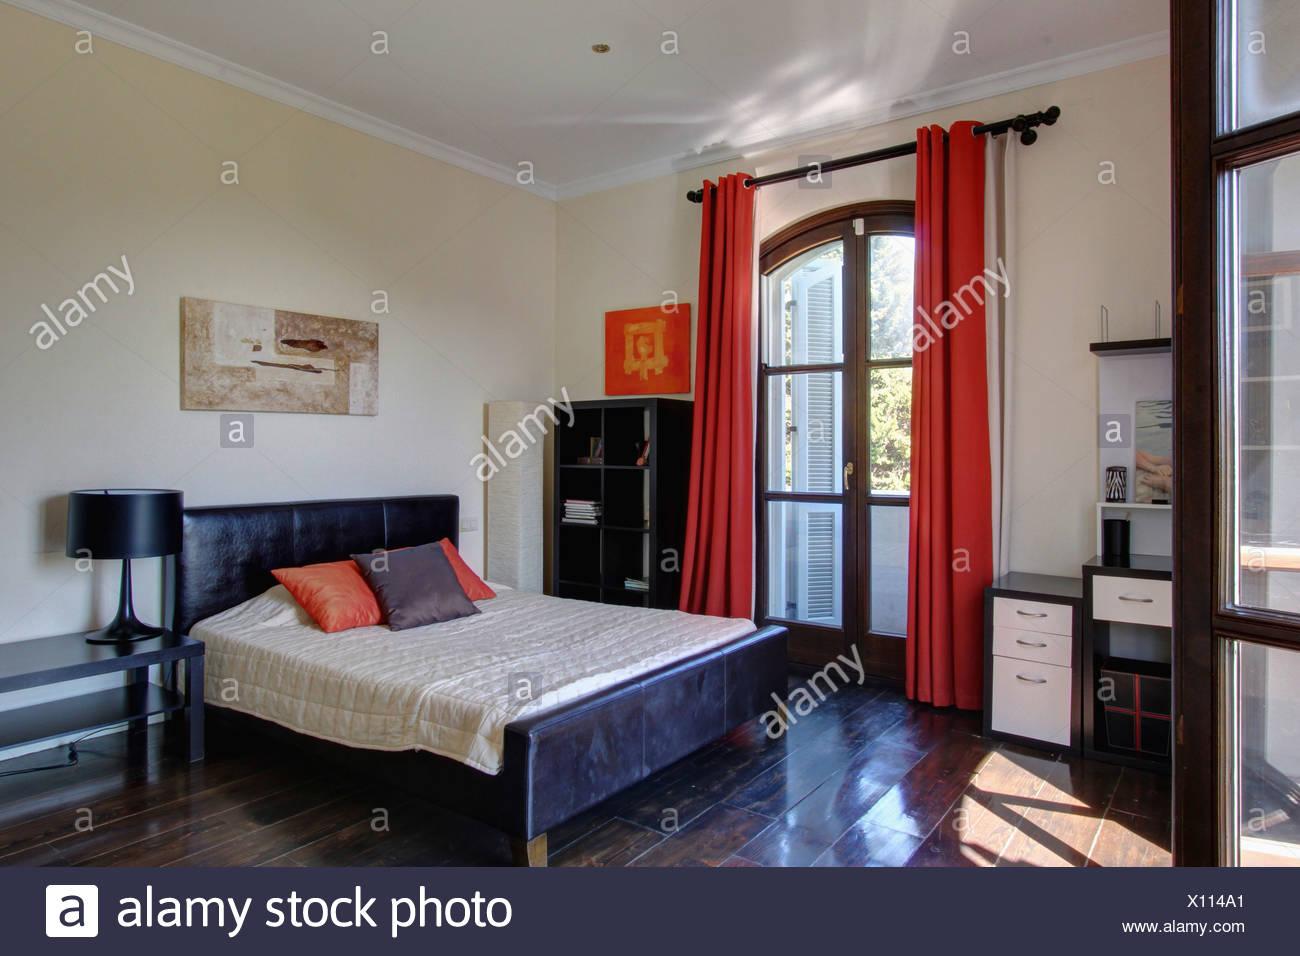 Holzfußboden Schlafzimmer ~ Rote vorhänge auf französische fenster im spanischen schlafzimmer